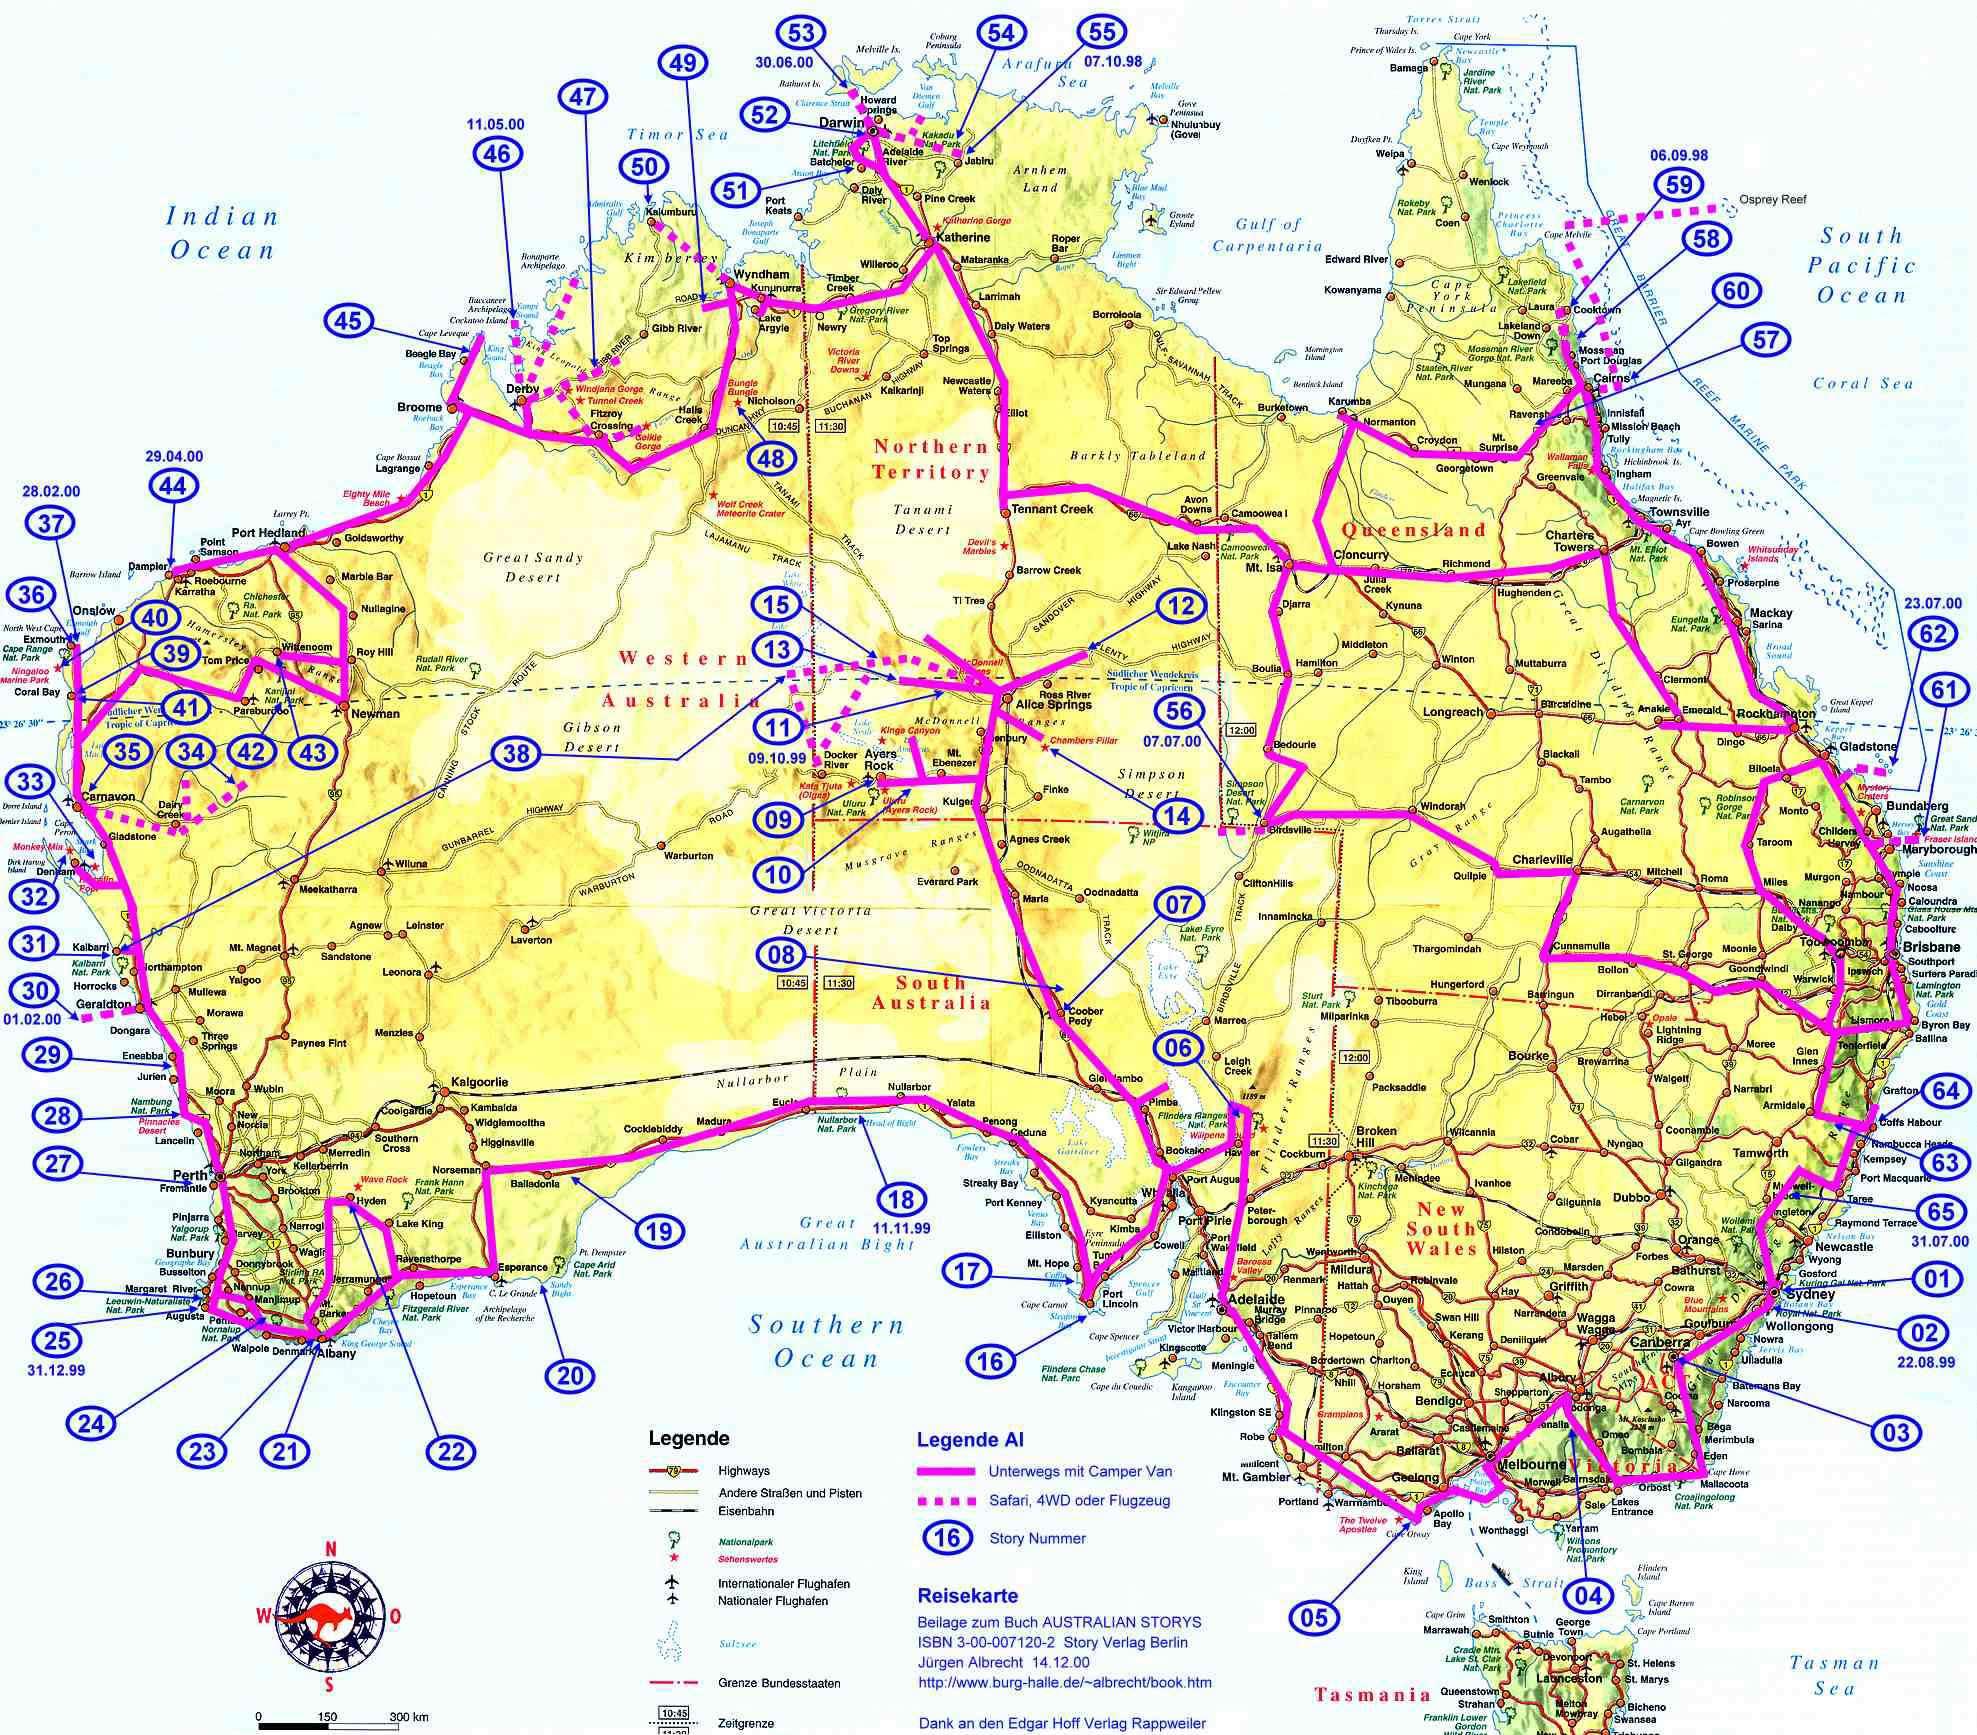 Carte Australie Sud.Carte Routiere Australie Carte Routiere De L Australie